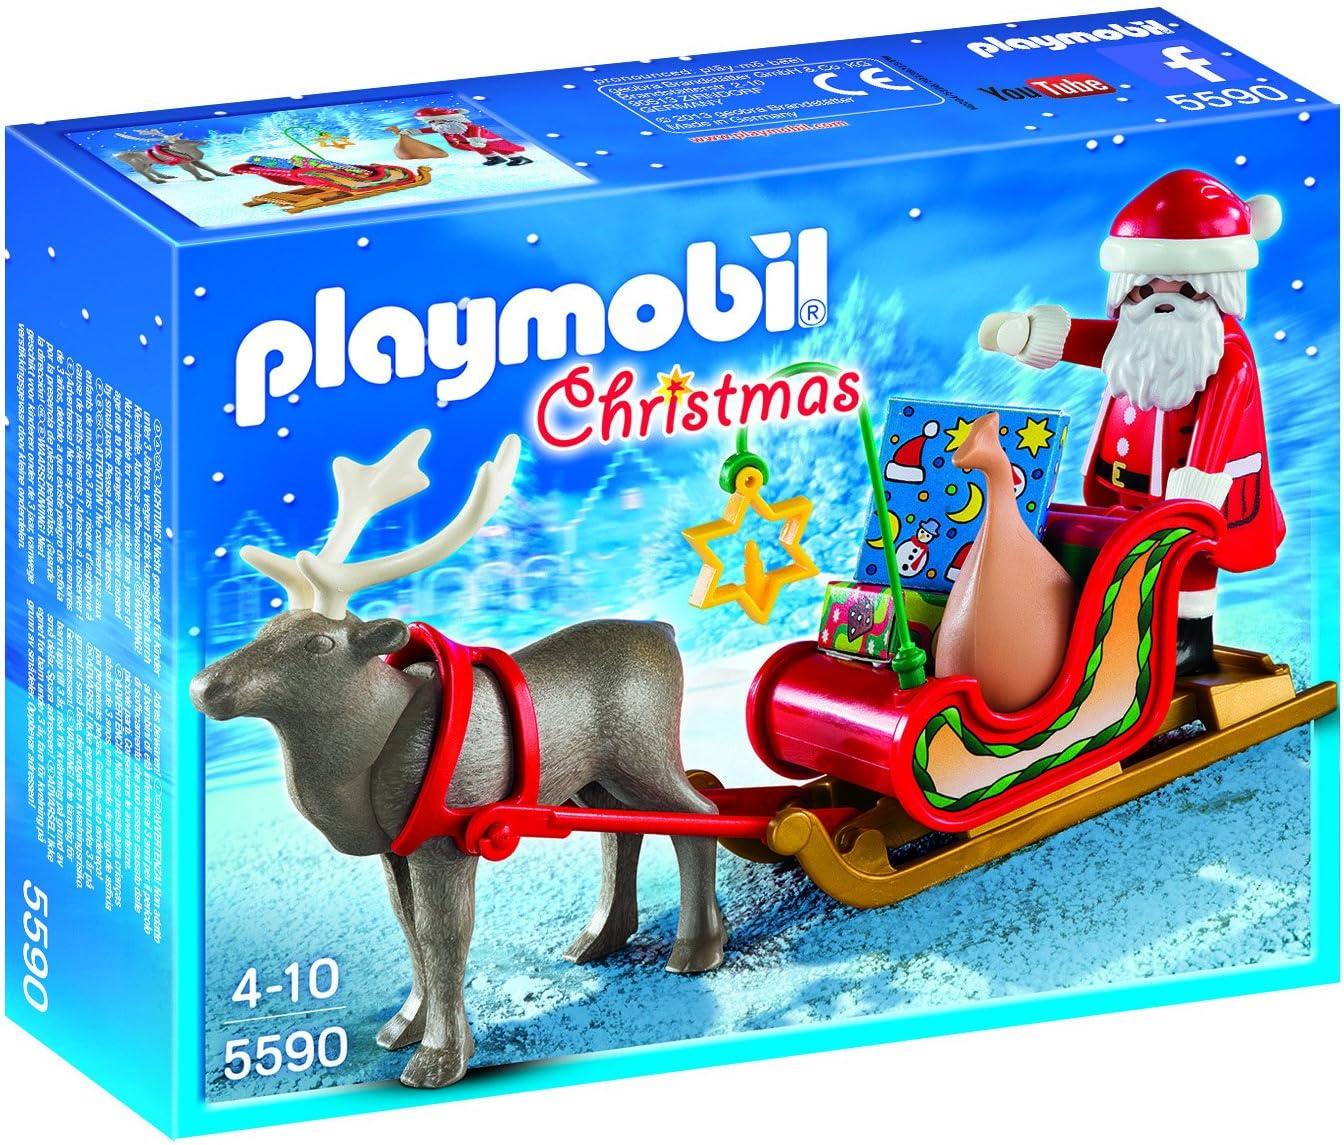 PLAYMOBIL - Christmas Trineo de Papá Noel con Reno Playsets de Figuras de jugete, Color Multicolor (5590)